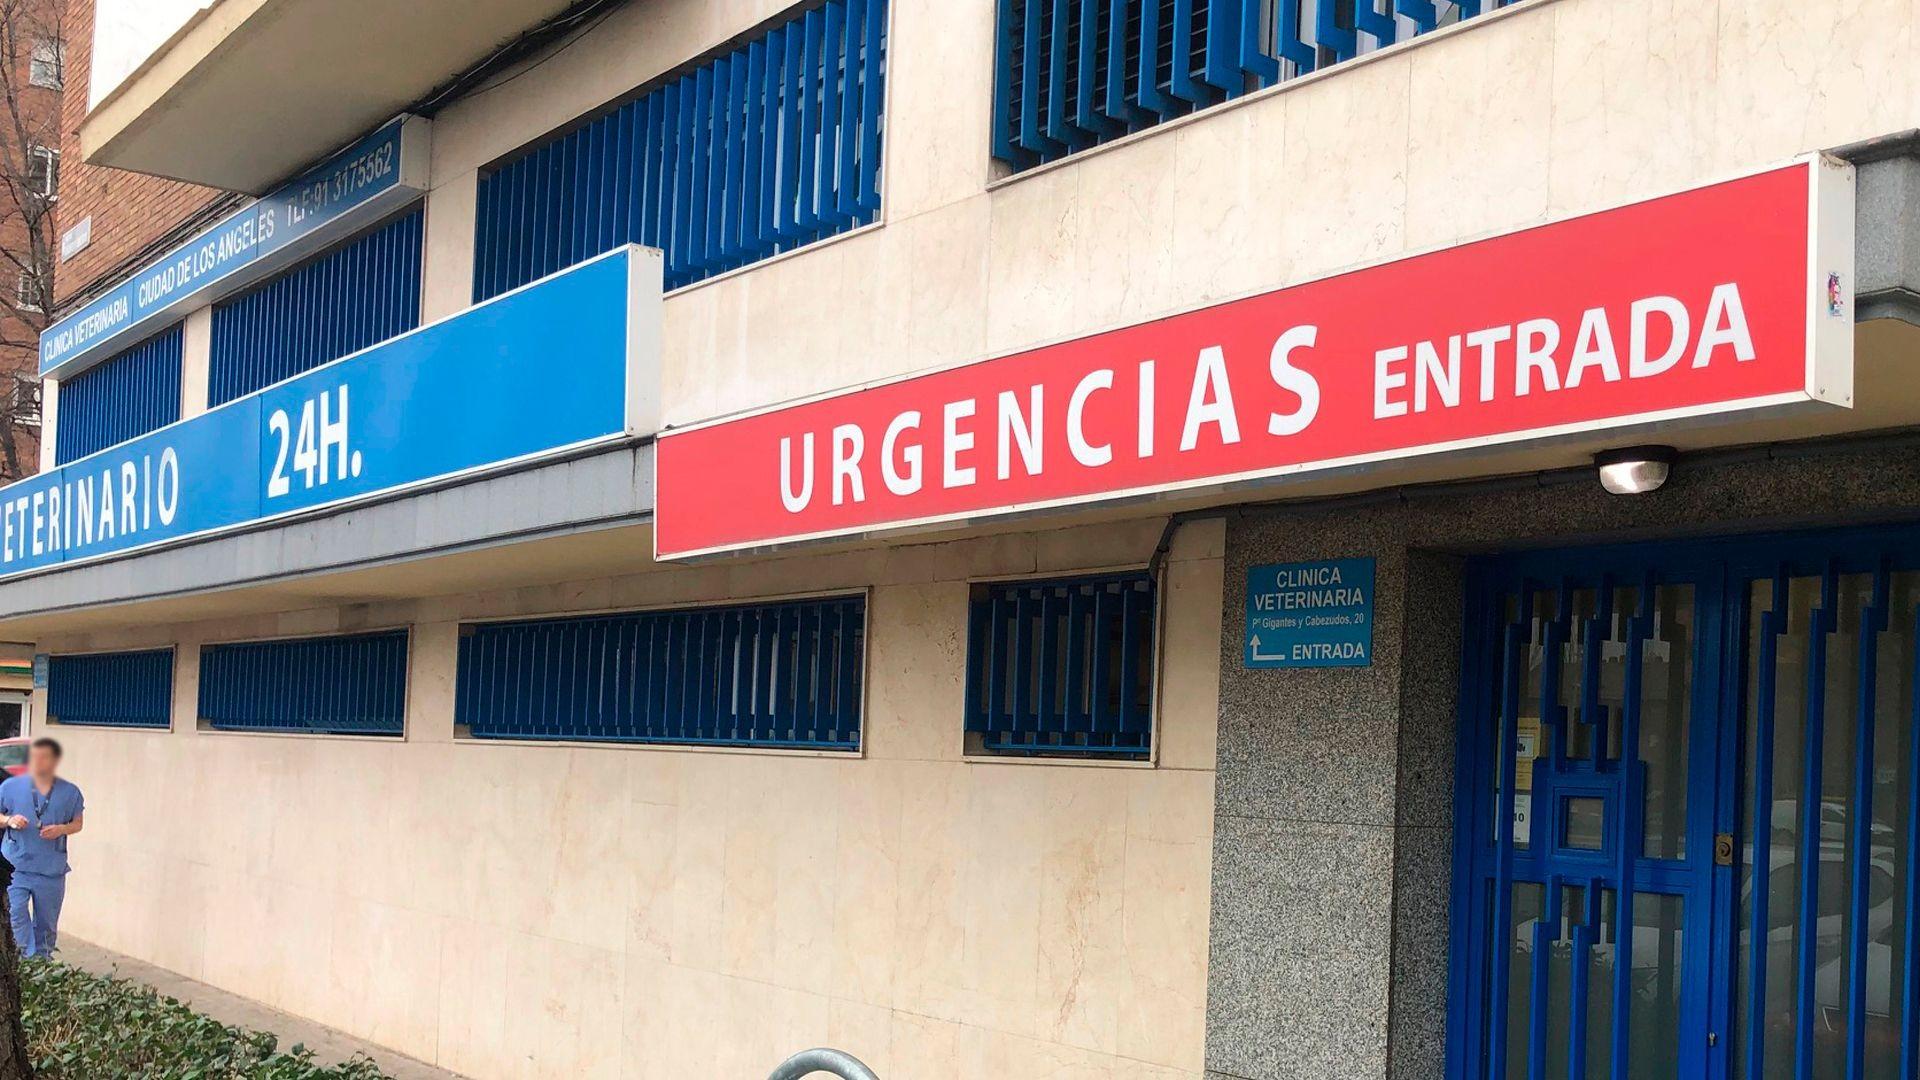 Urgencias veterinarias en Madrid